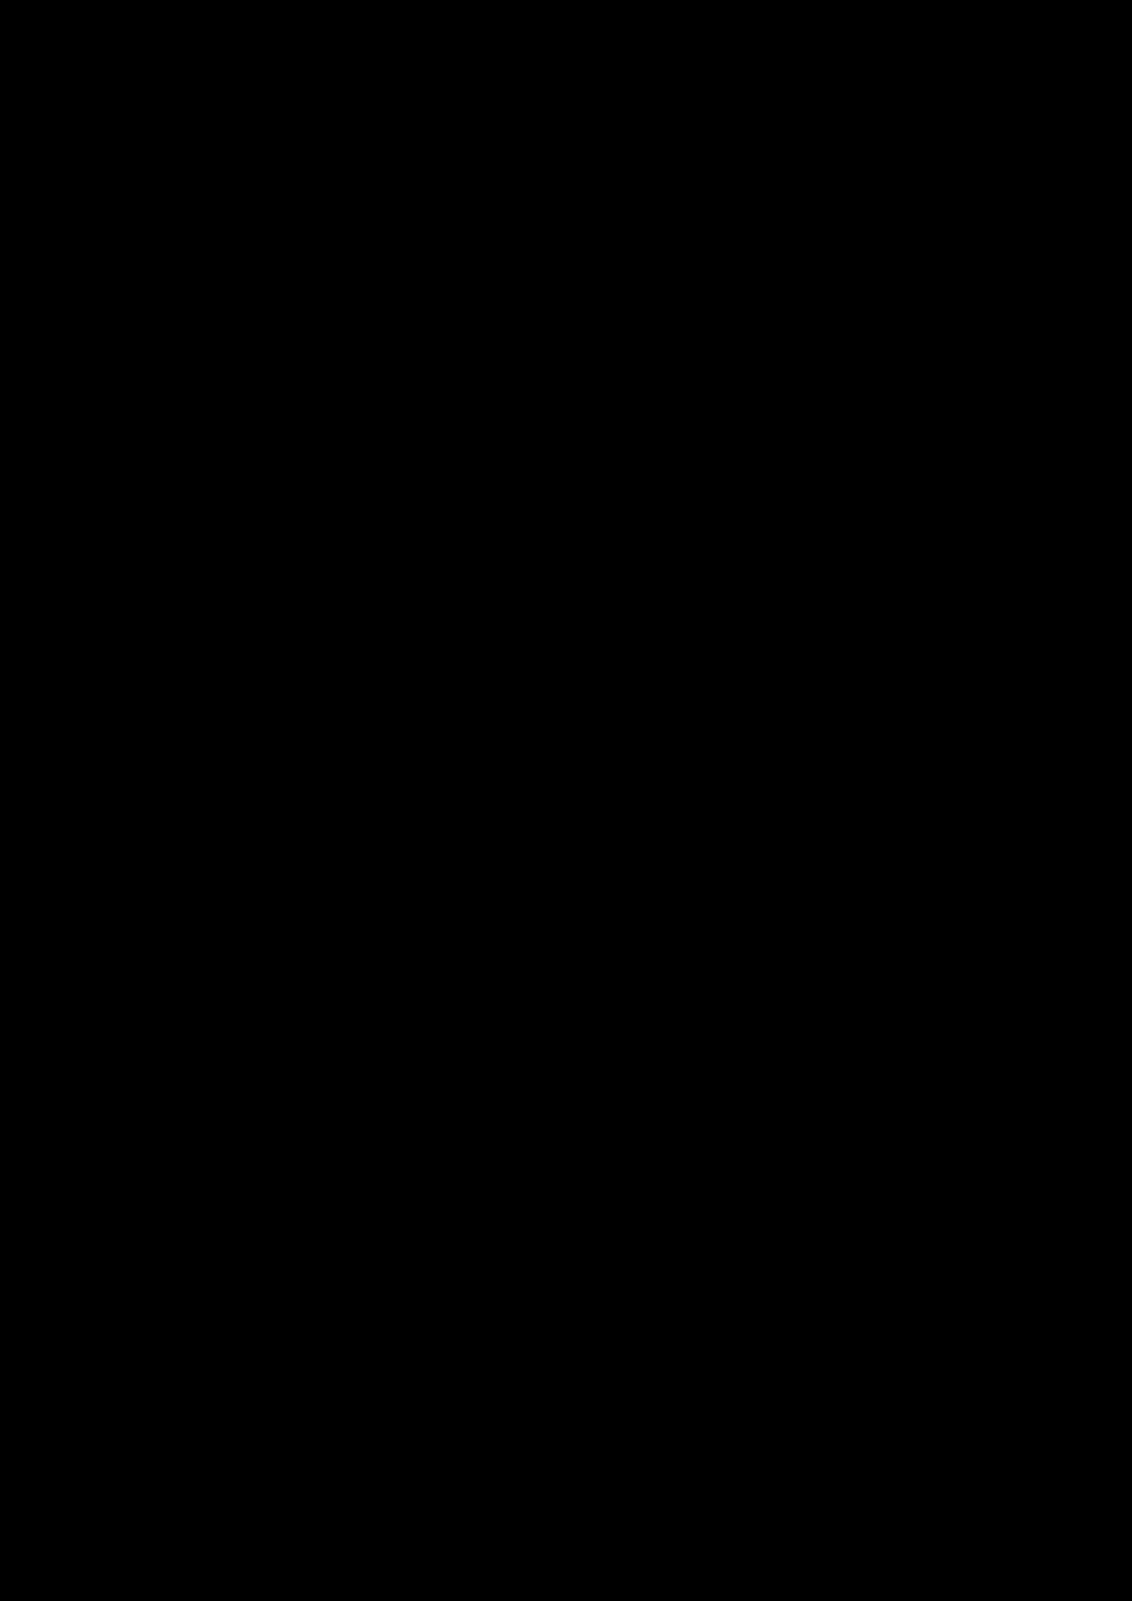 Serdtse slide, Image 56